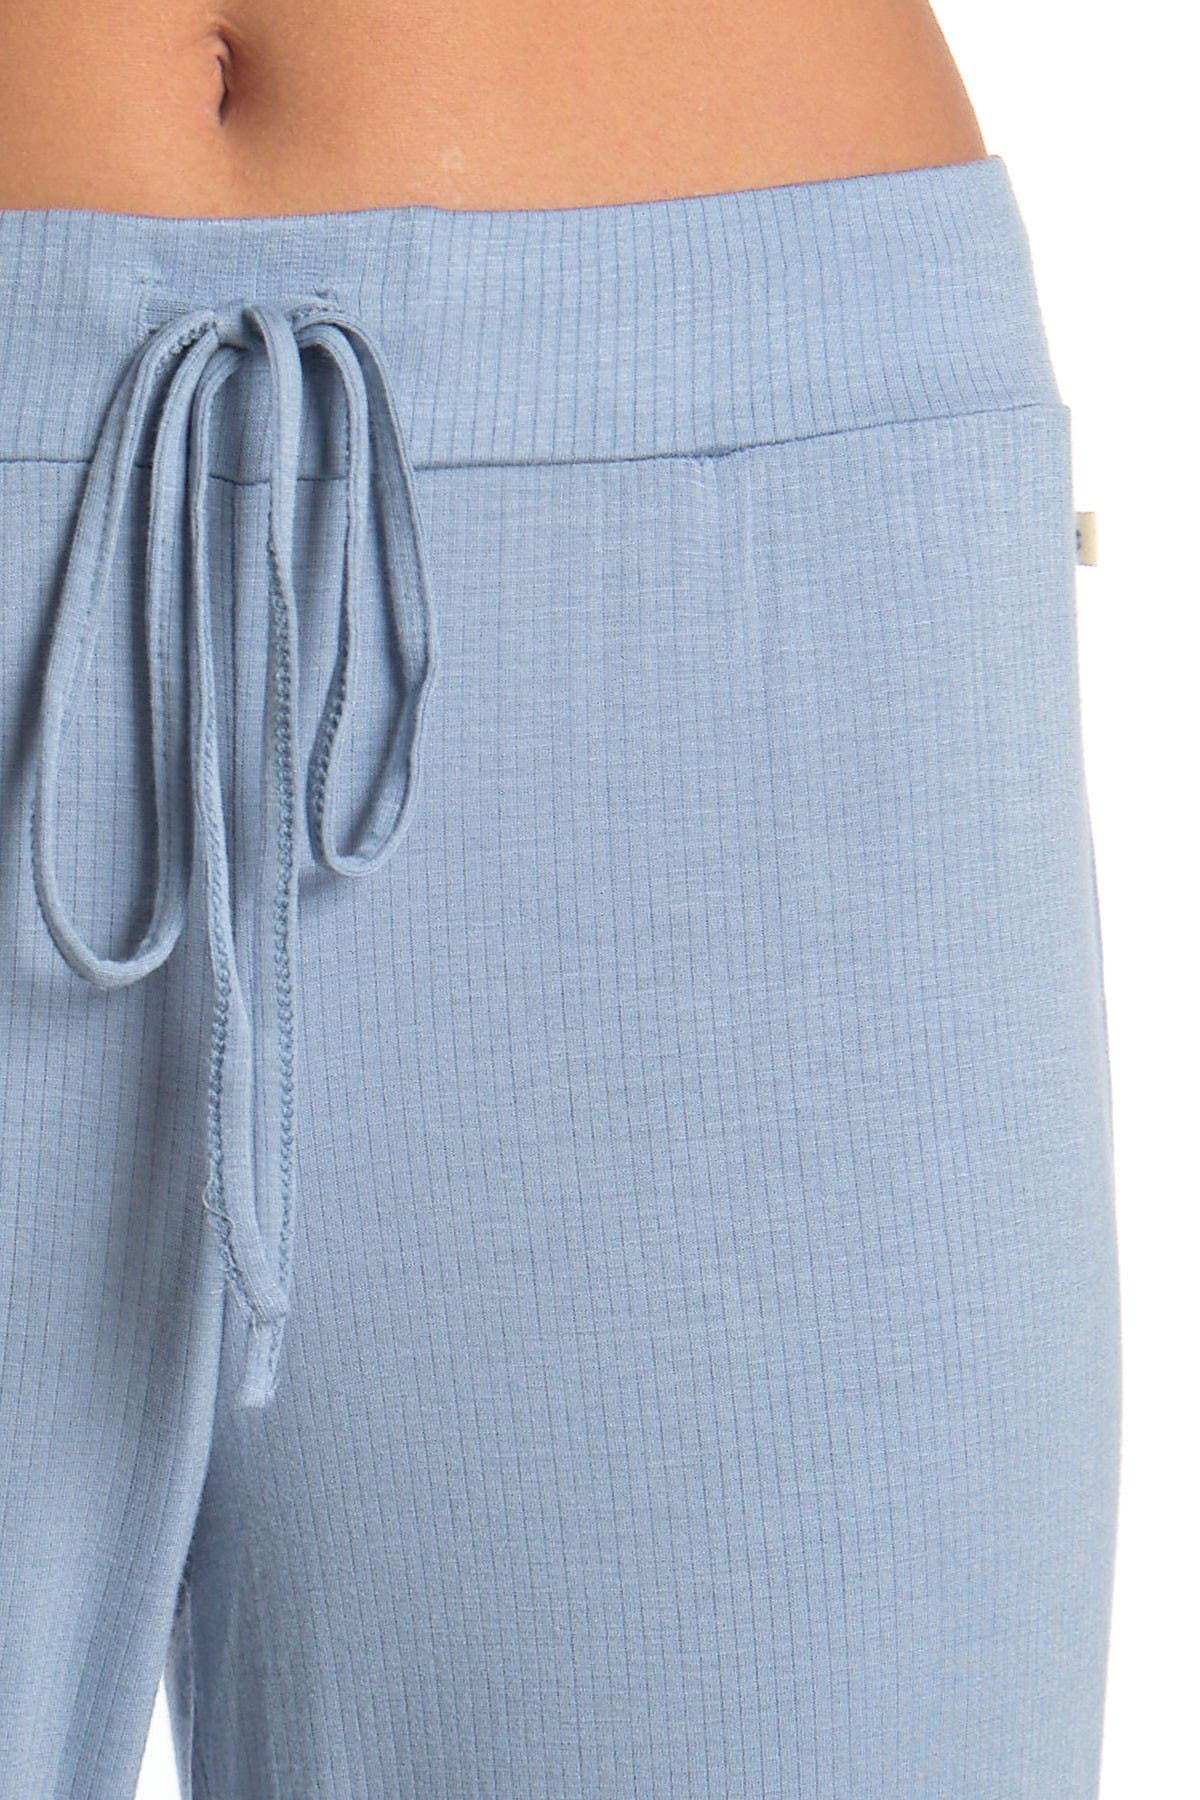 Lucky Brand T-Shirt & Pants Pajama 2-Piece Set